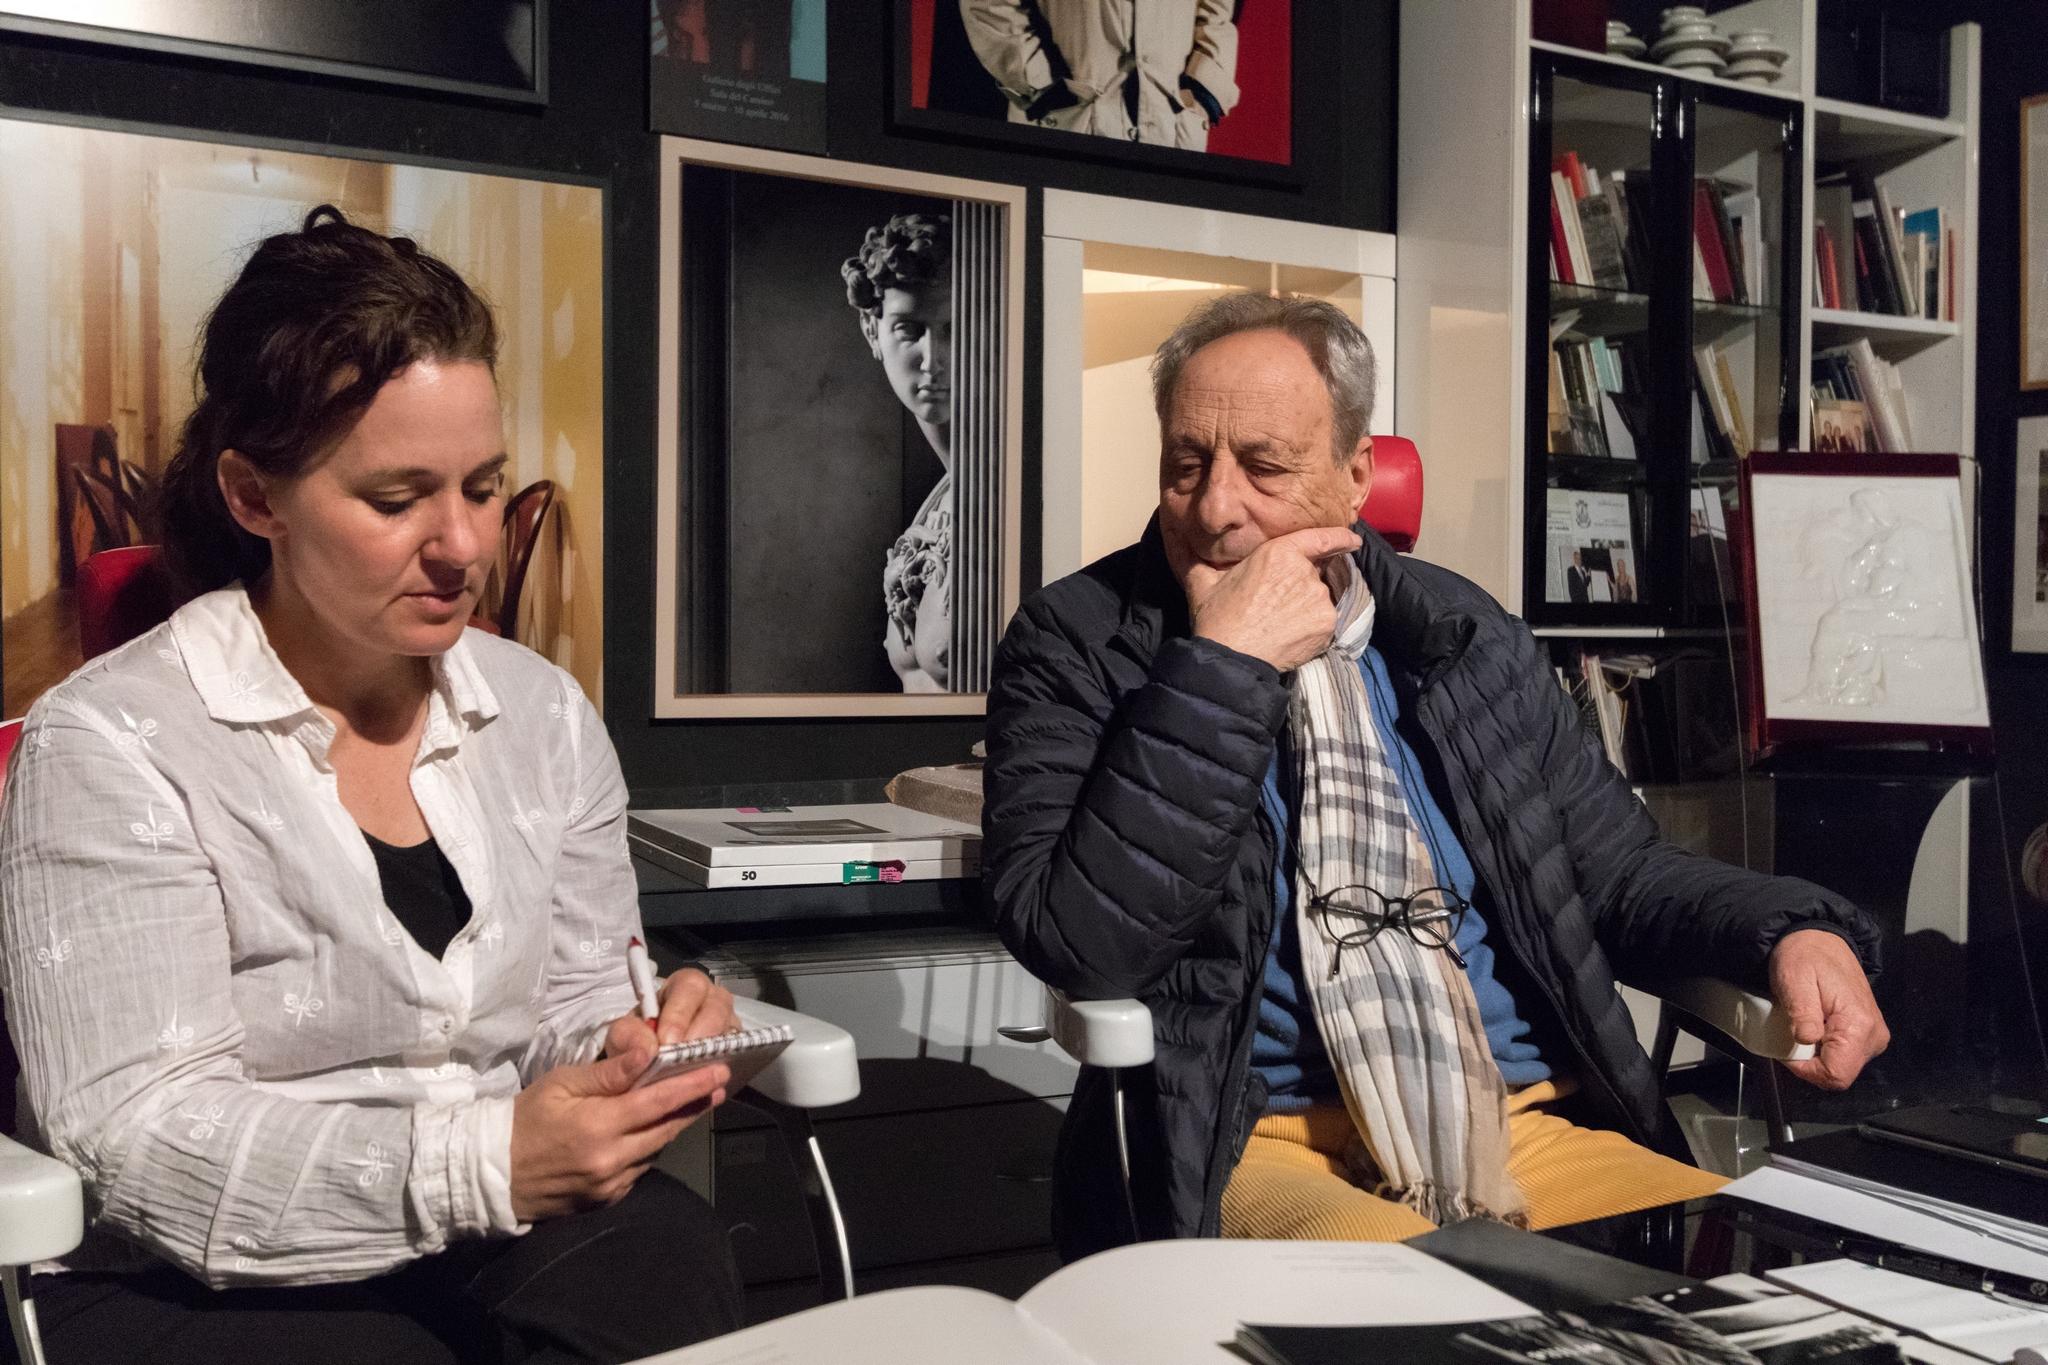 Gina Williams interviewing photographer Aurelio Amendola at his studio ©Ernesto Mangone